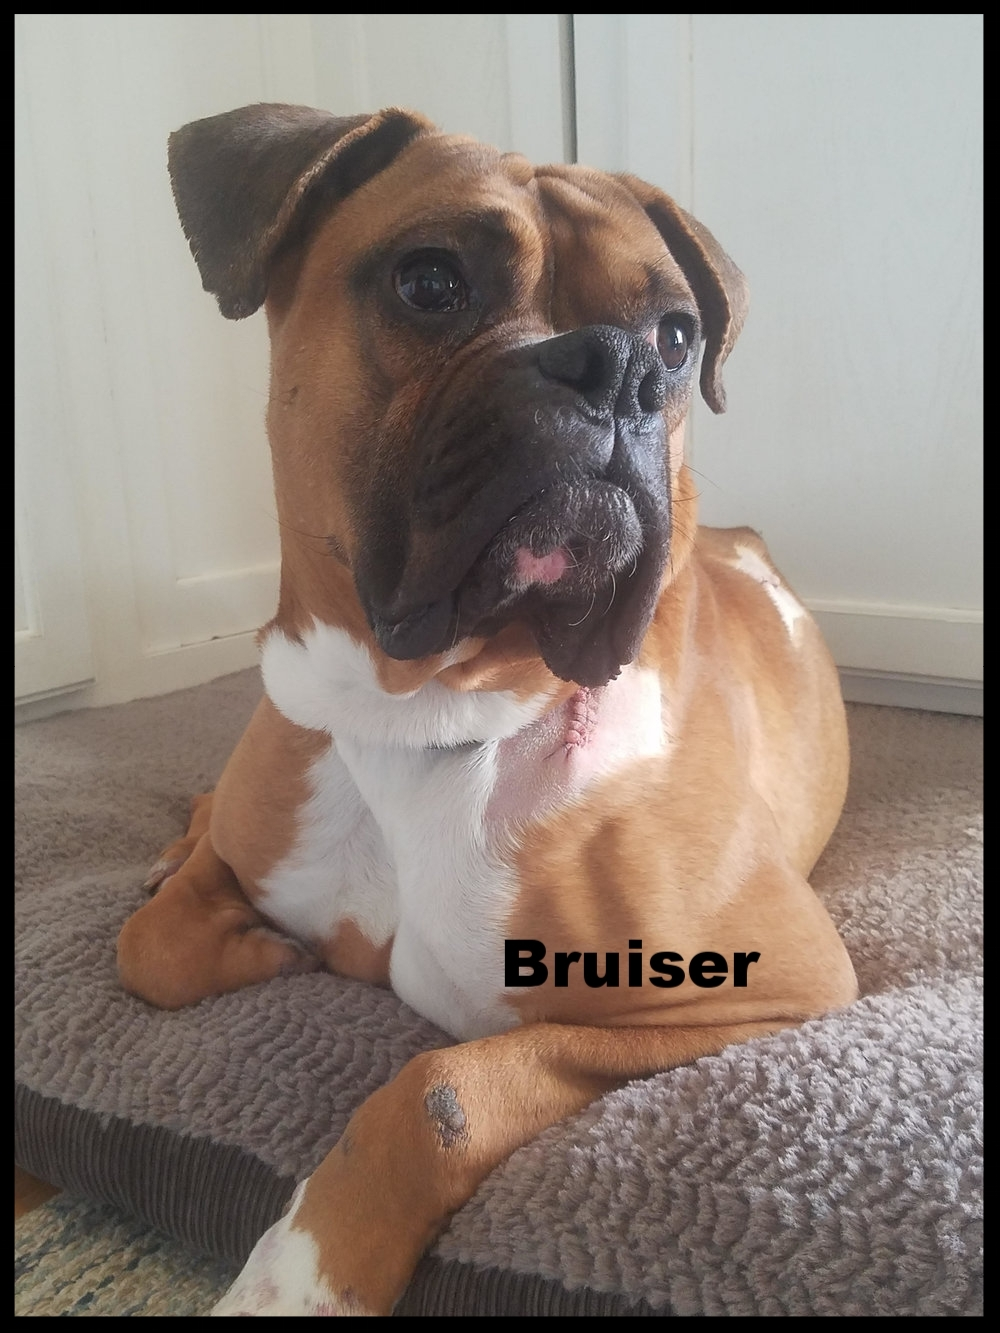 bruiser.jpg